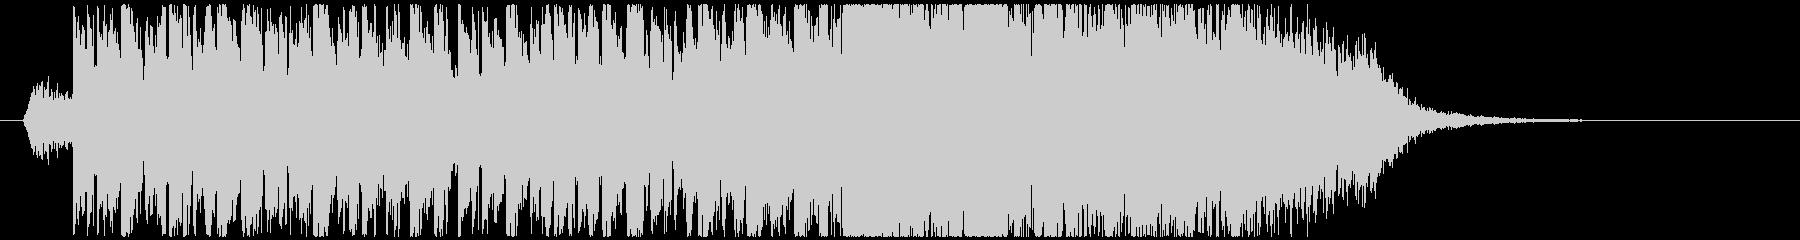 かっこいいドラキュラ的なEDMジングルの未再生の波形